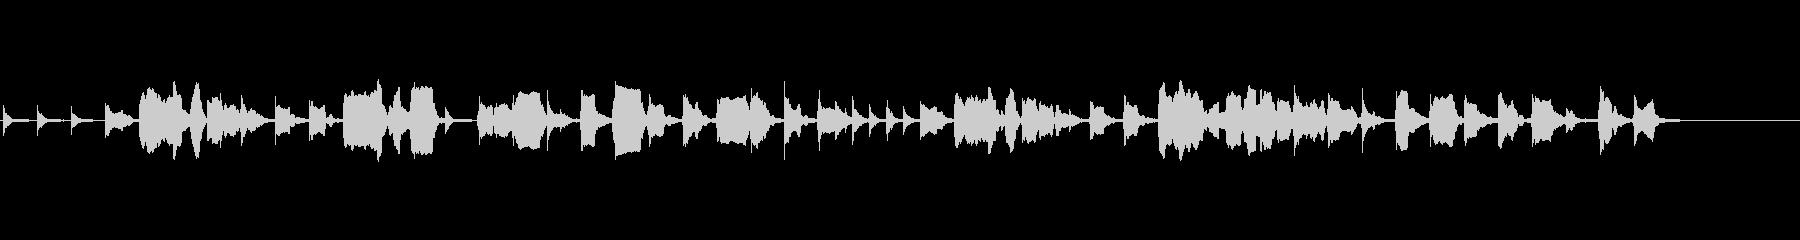 生演奏リコーダーと木琴のワルツ風BGMの未再生の波形